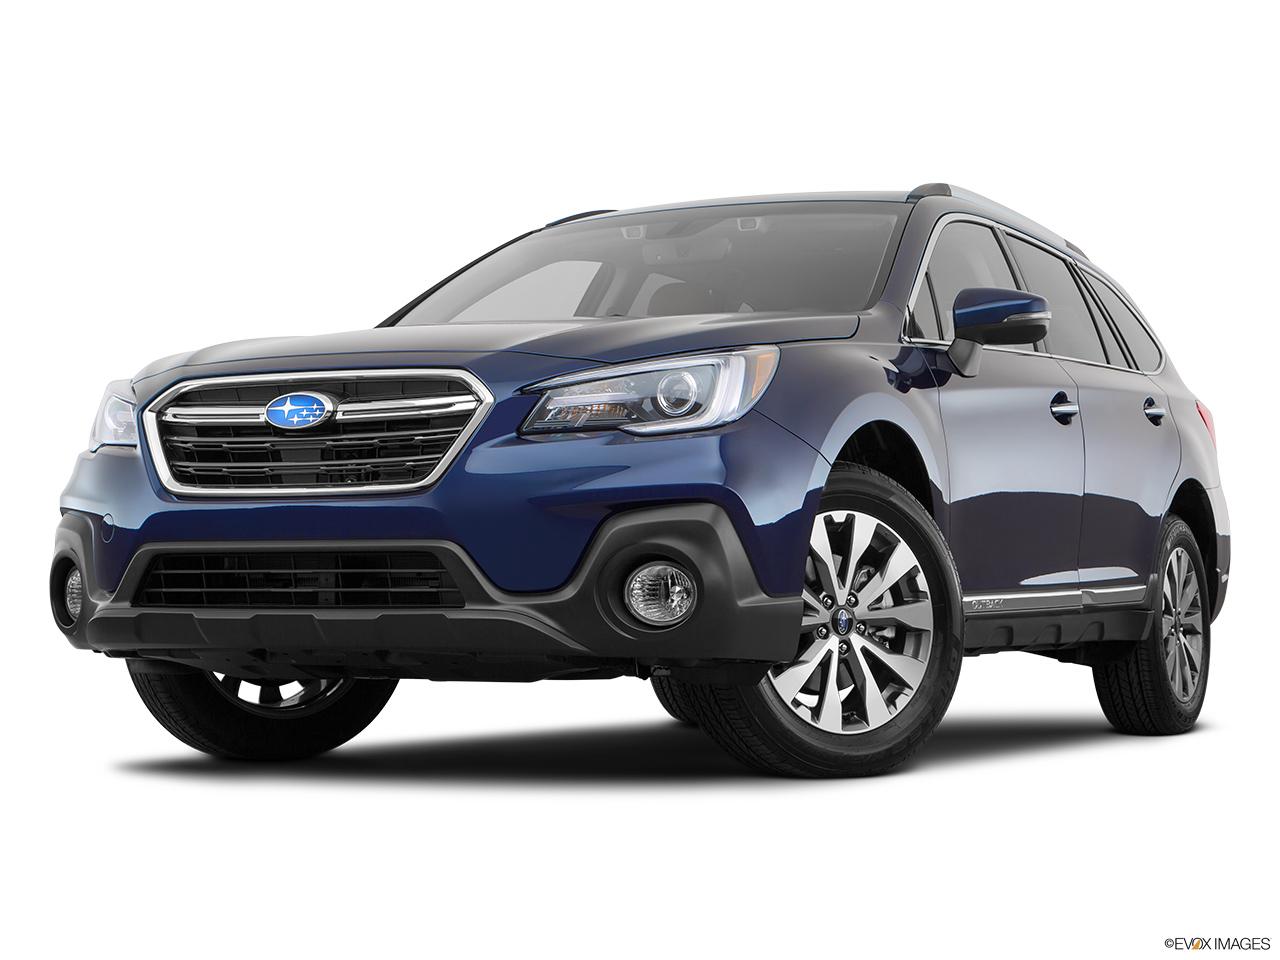 Subaru Legacy 3.6 R >> Car Features List for Subaru Outback 2018 3.6R S AWD (UAE) | YallaMotor